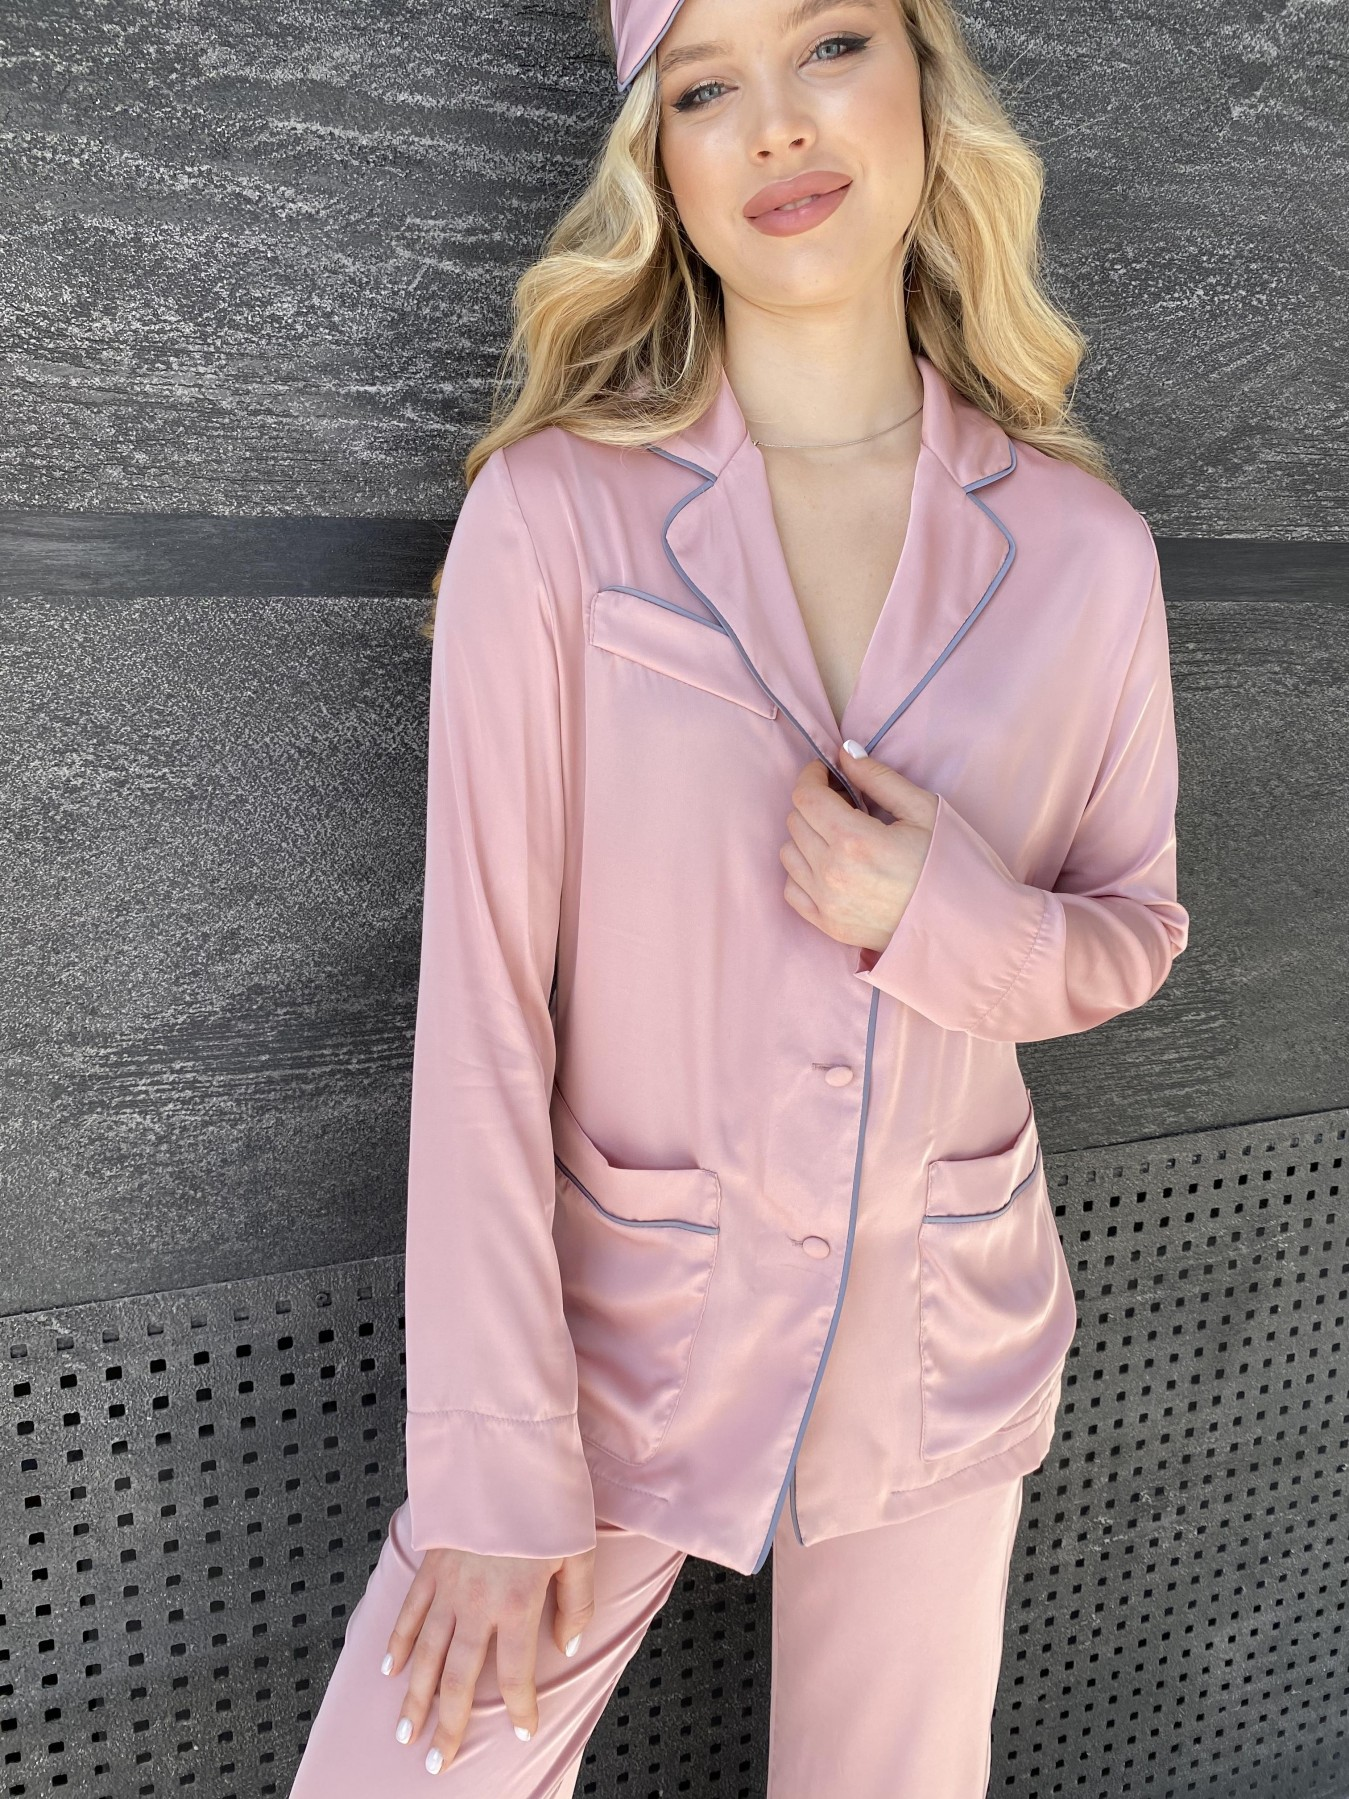 Шайн костюм из шелка  10778 АРТ. 47213 Цвет: Розовый - фото 8, интернет магазин tm-modus.ru